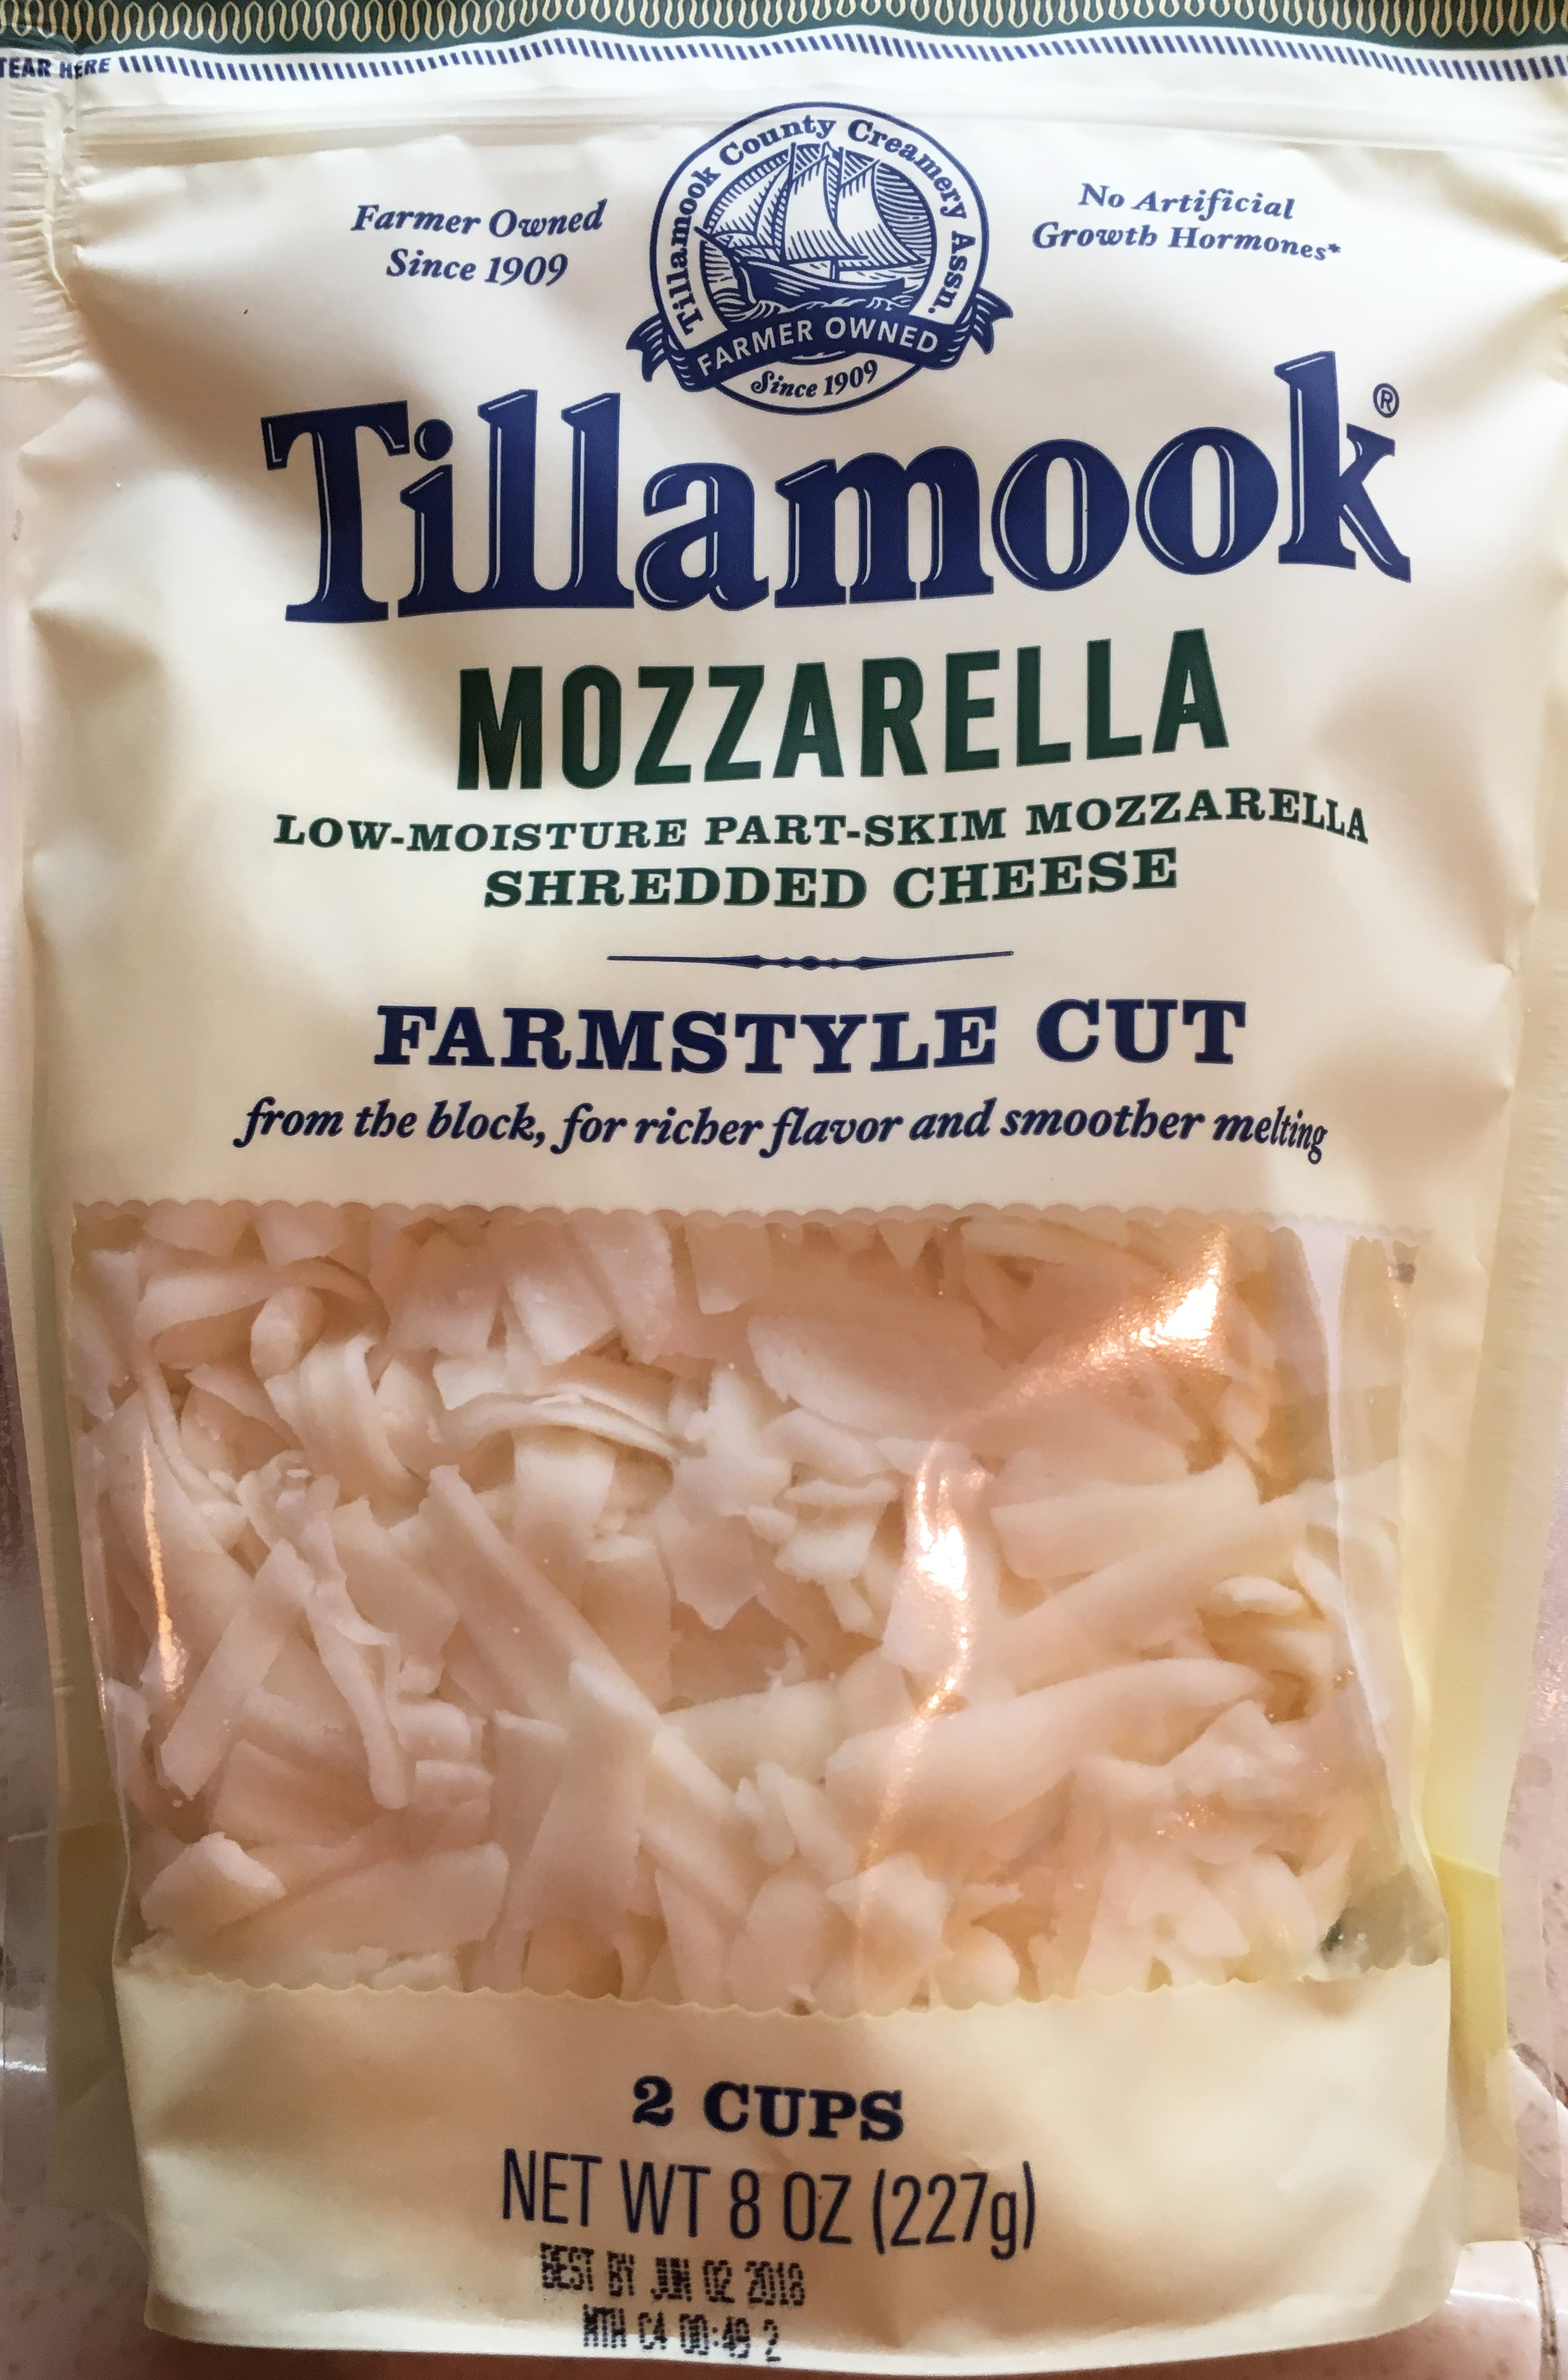 Tillamook Mozzarella